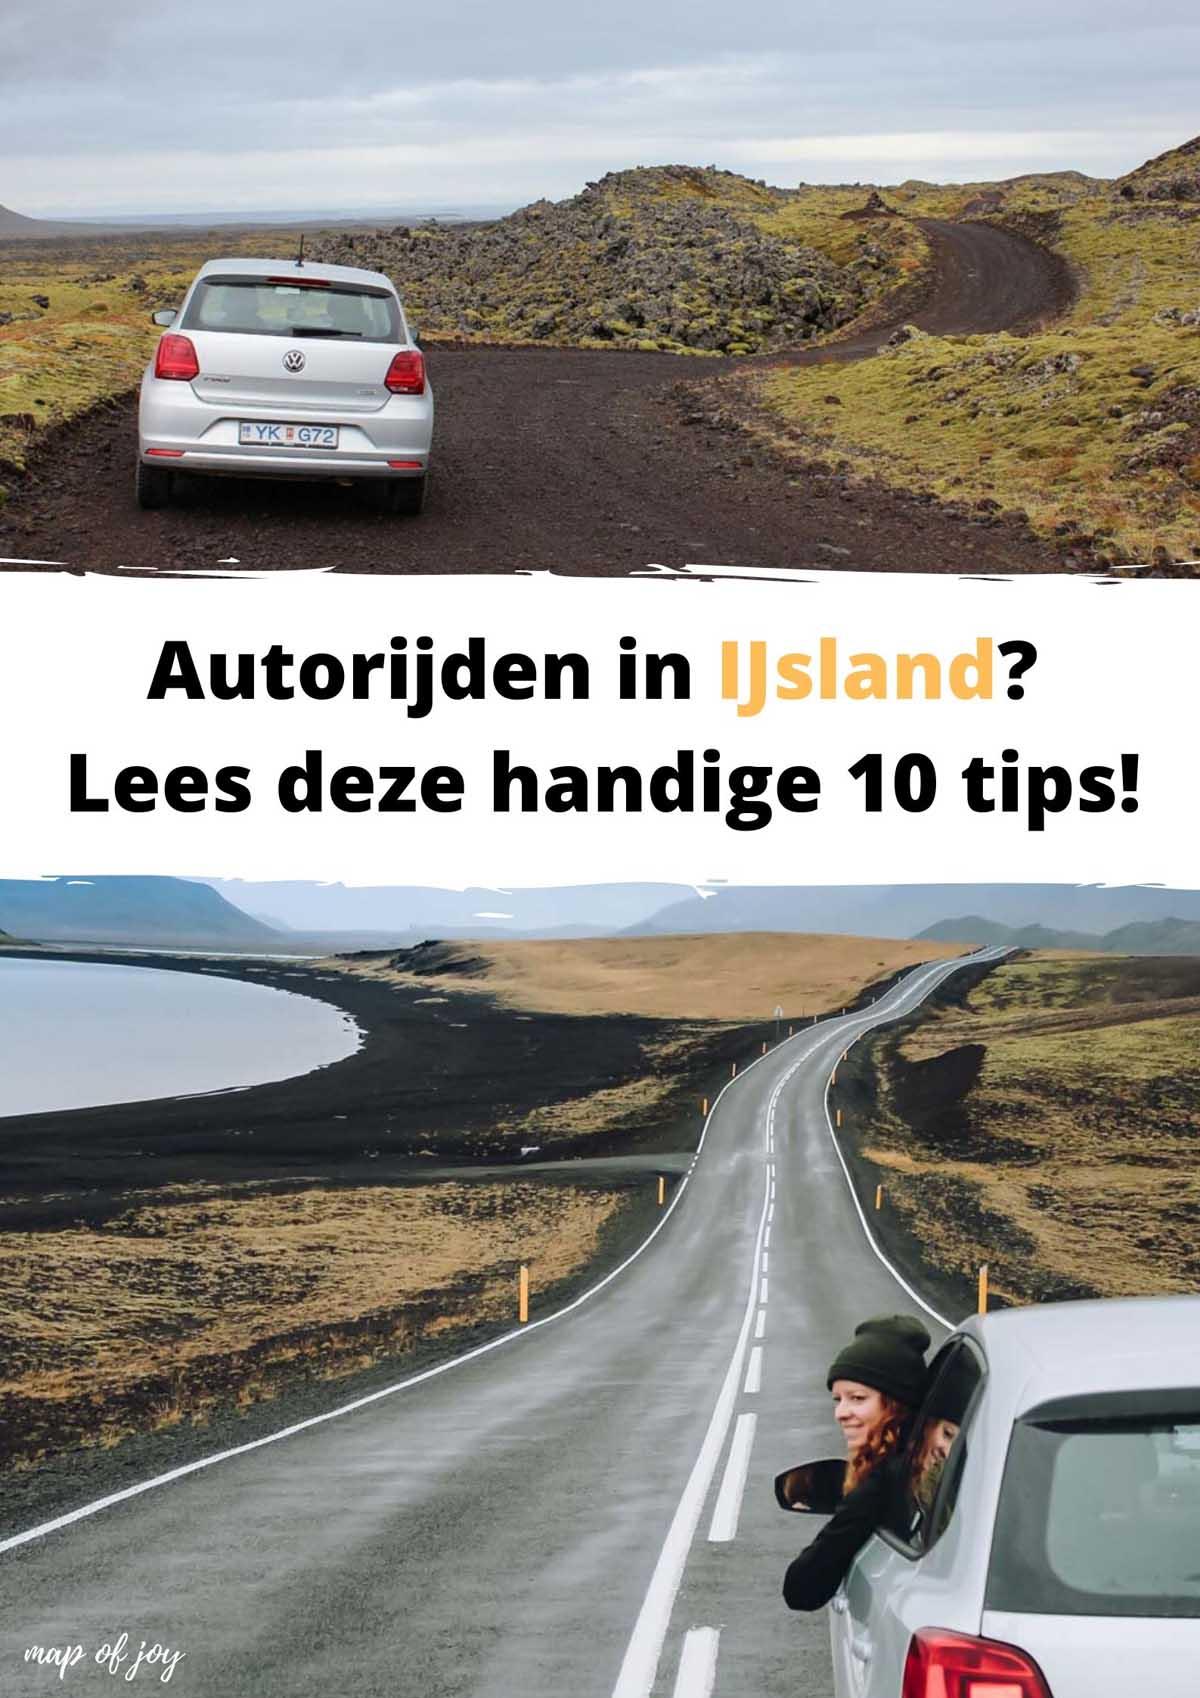 Autorijden in IJsland? Lees deze handige 10 tips! - Map of Joy